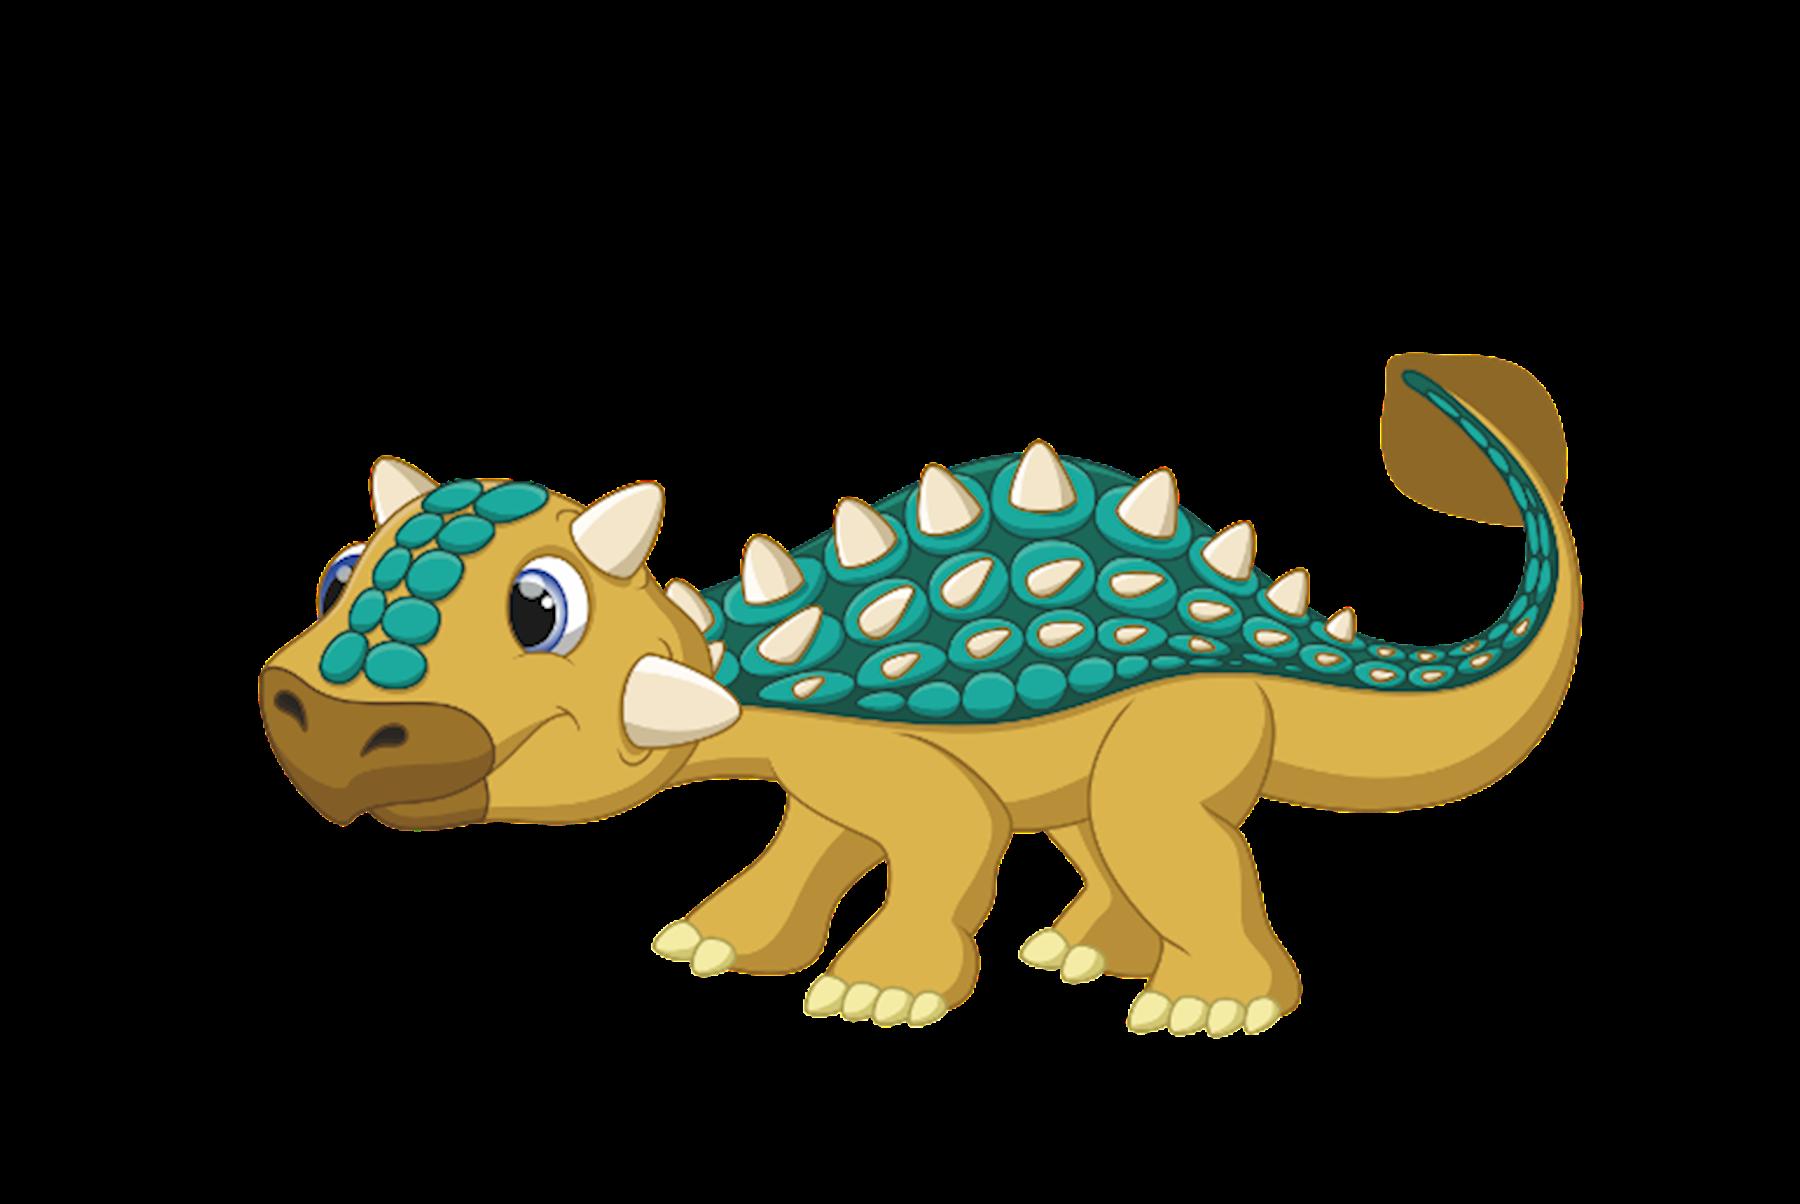 Dinosaurier sticker s e wandtattoo dinosaurier wandtattoos ab 9 90 - Wandtattoos dinosaurier ...